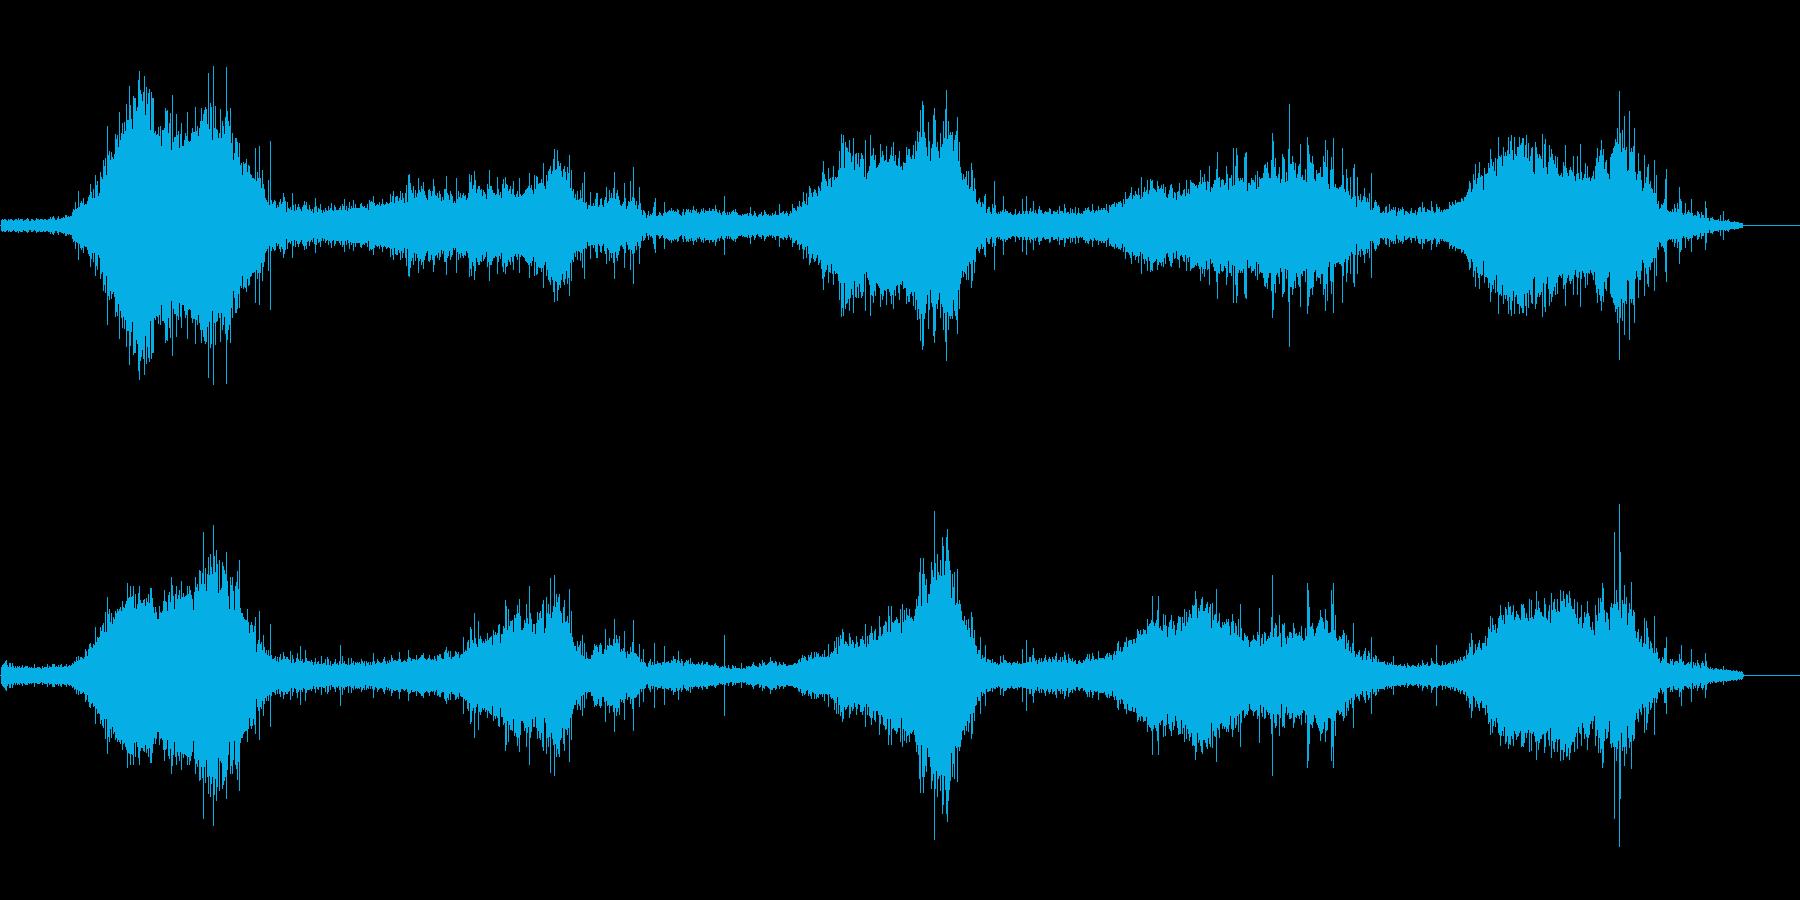 ゴットランド島の波の音 強め ザザーの再生済みの波形